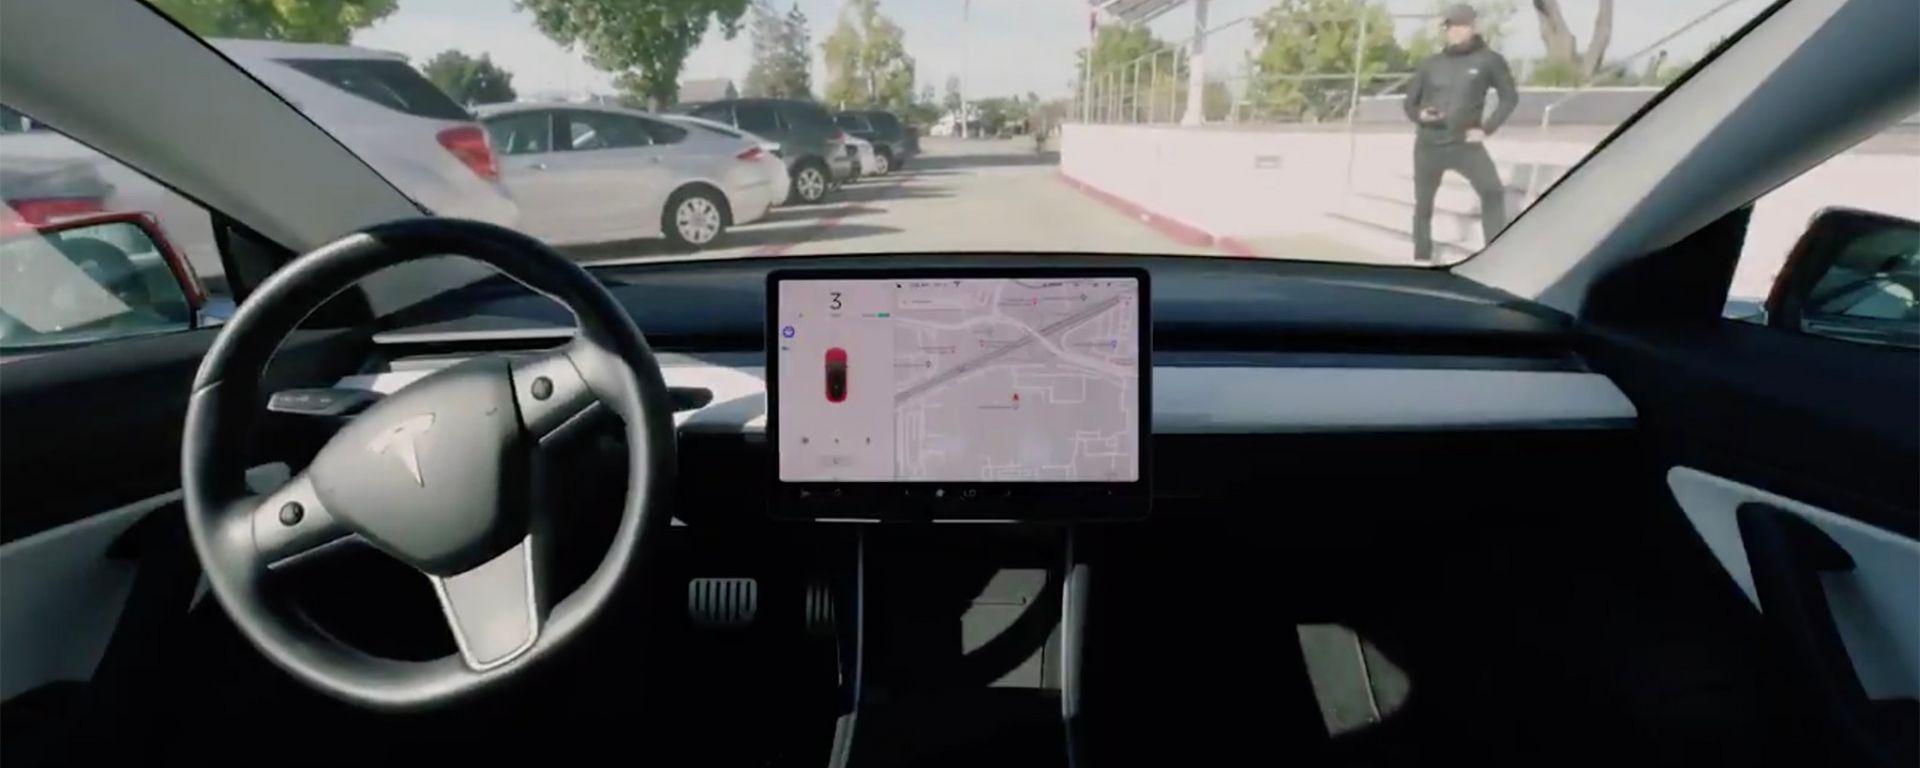 Tesla: la funzione Smart Summon è un disastro